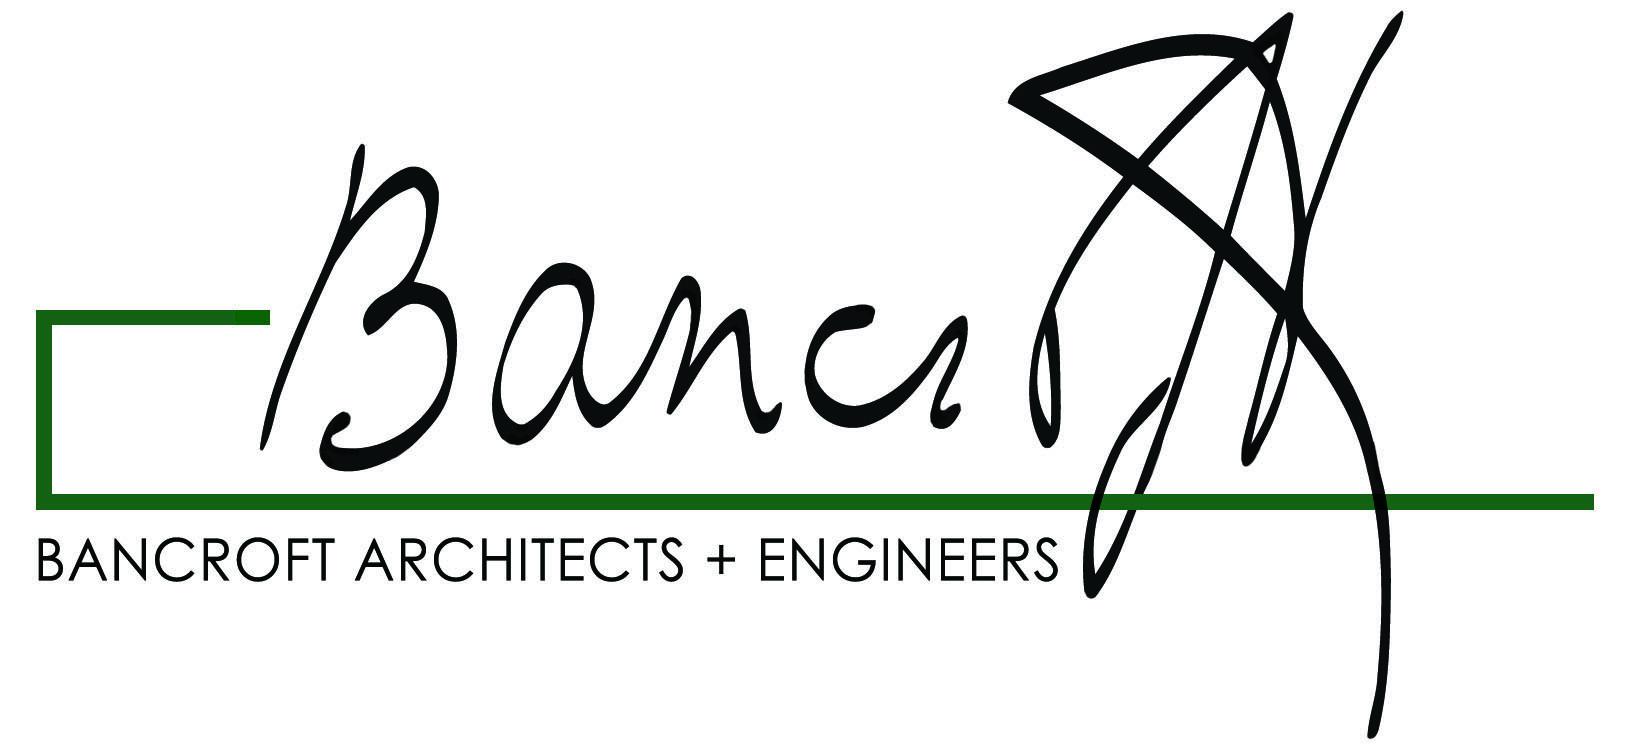 History bancroft architects engineers baelogosignature letterhead1g xflitez Choice Image